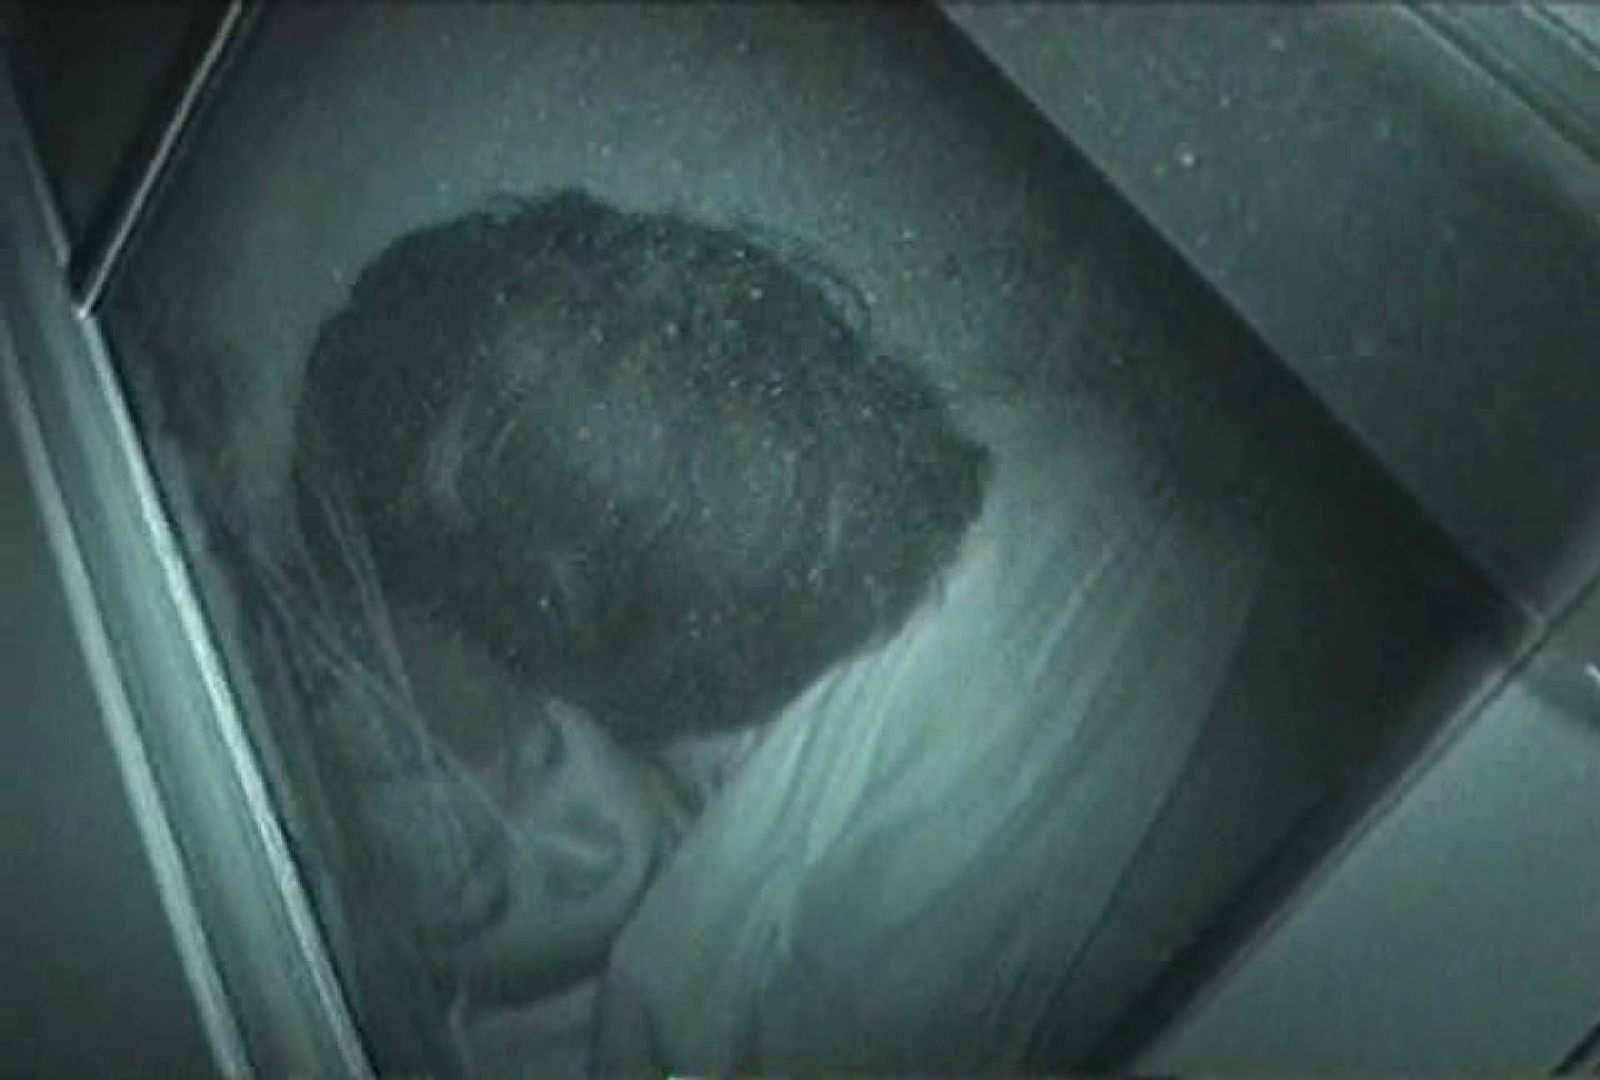 充血監督の深夜の運動会Vol.97 カップル盗撮 性交動画流出 104画像 83